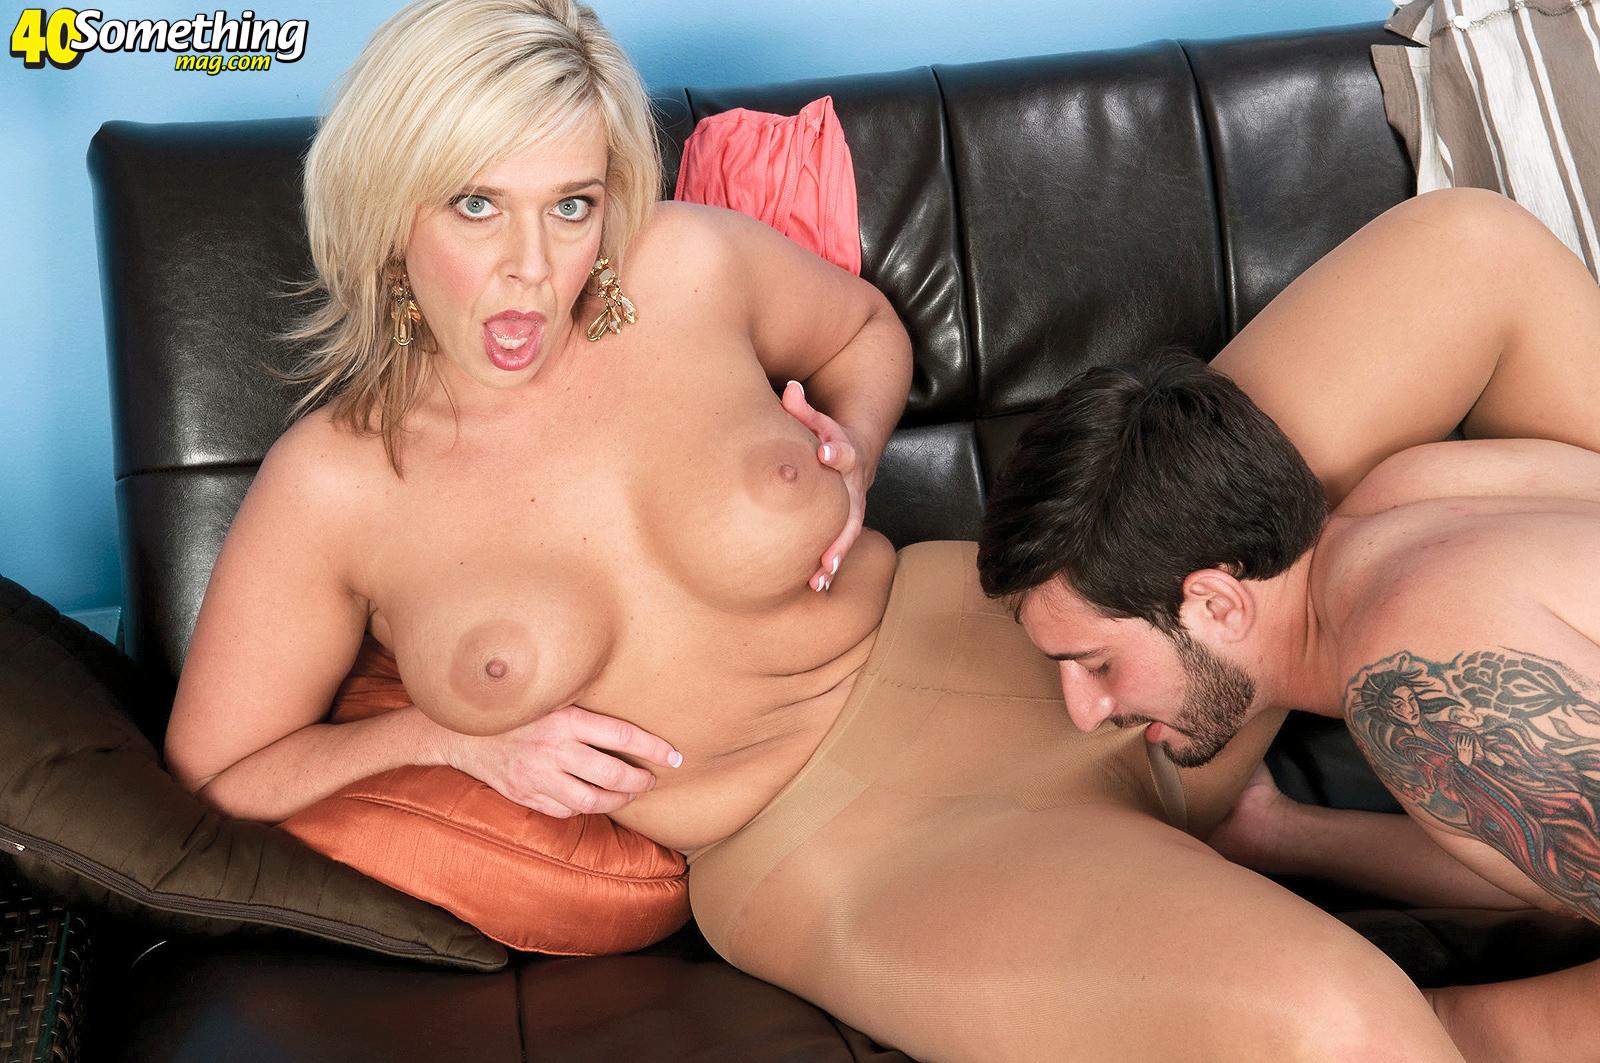 Похотливые мамаши порно инцест 11 фотография